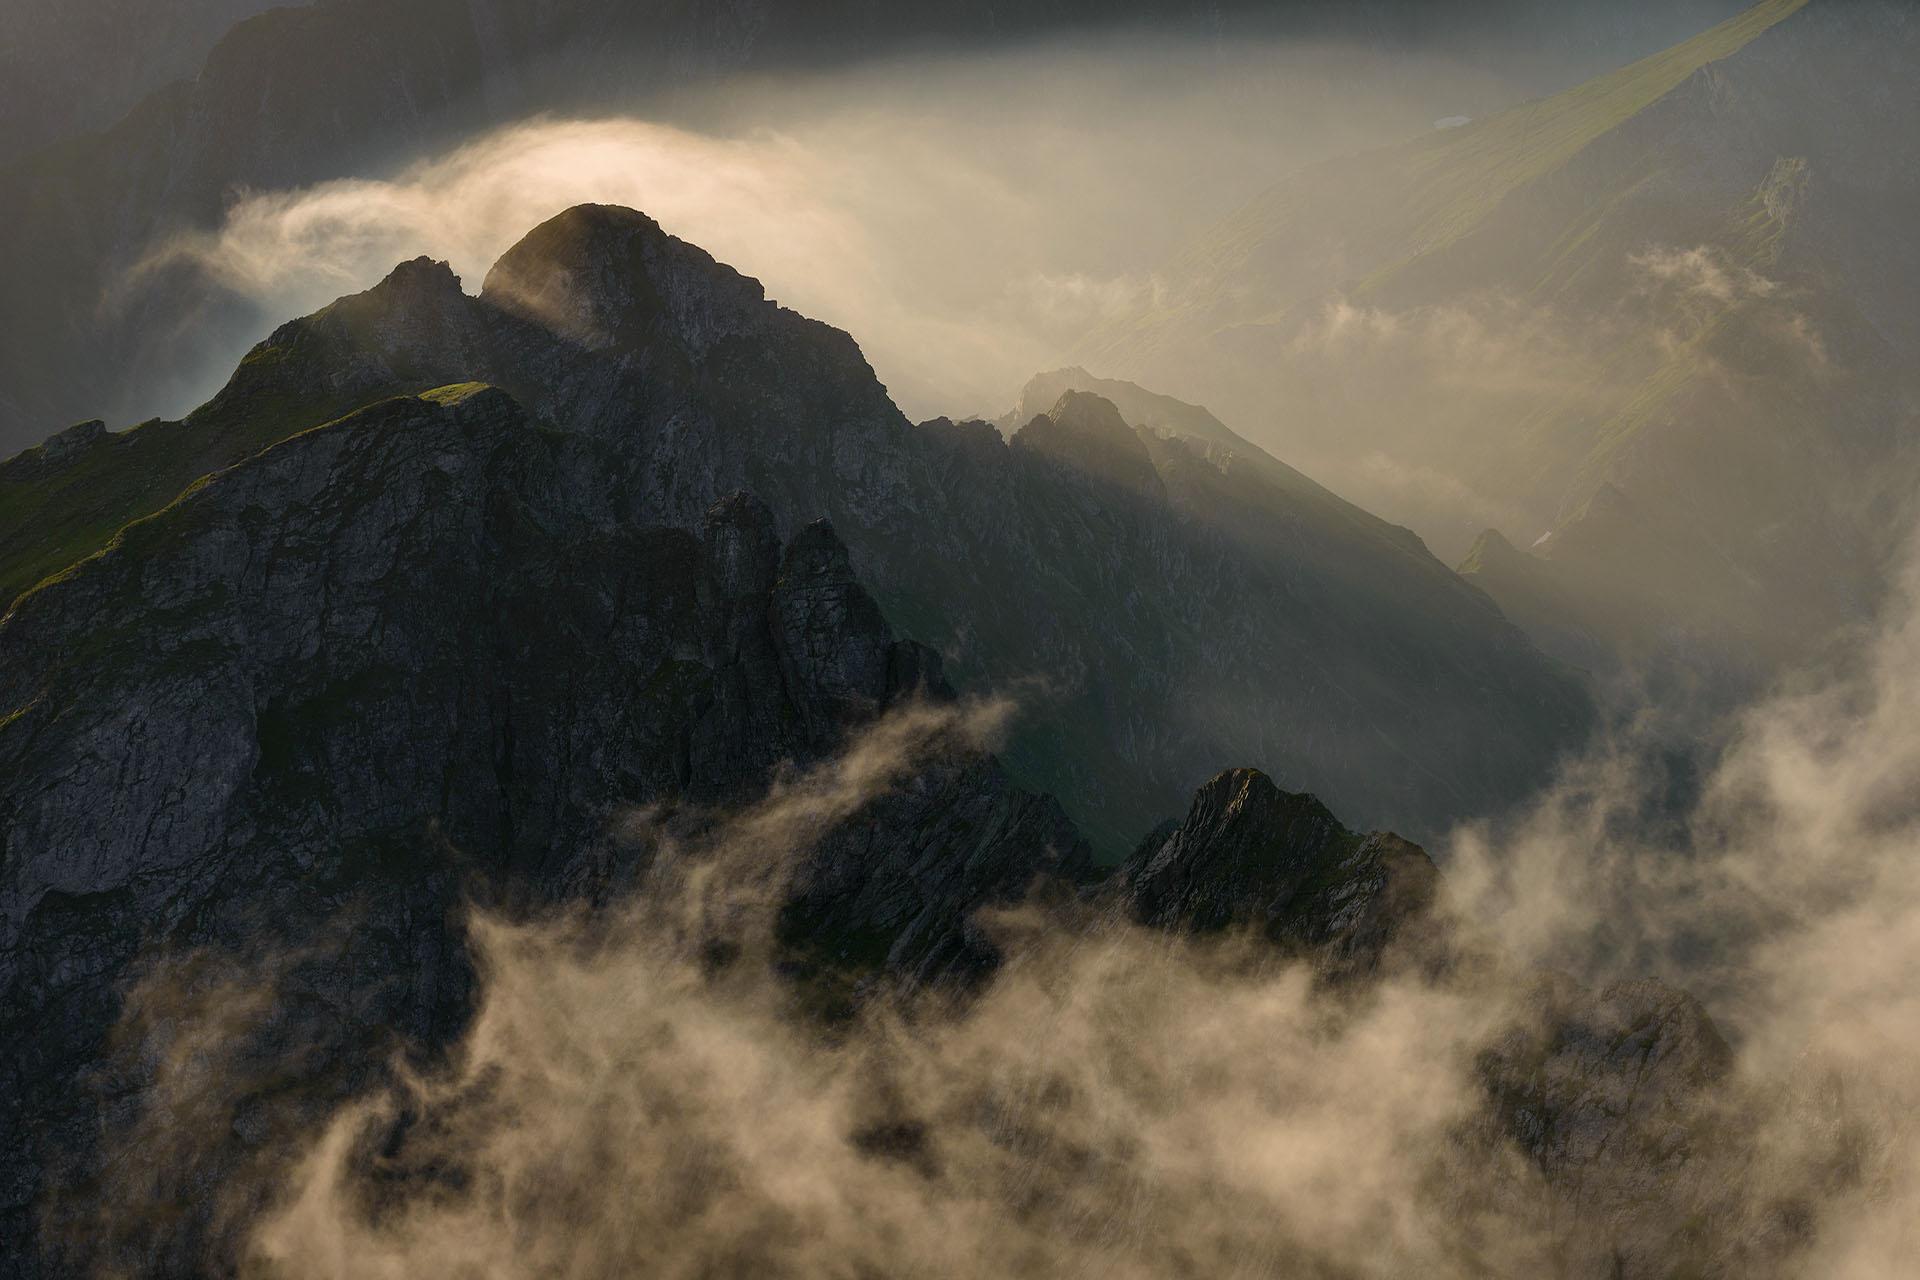 Curs online – Compoziția în fotografia de natură cu Dan Dinu